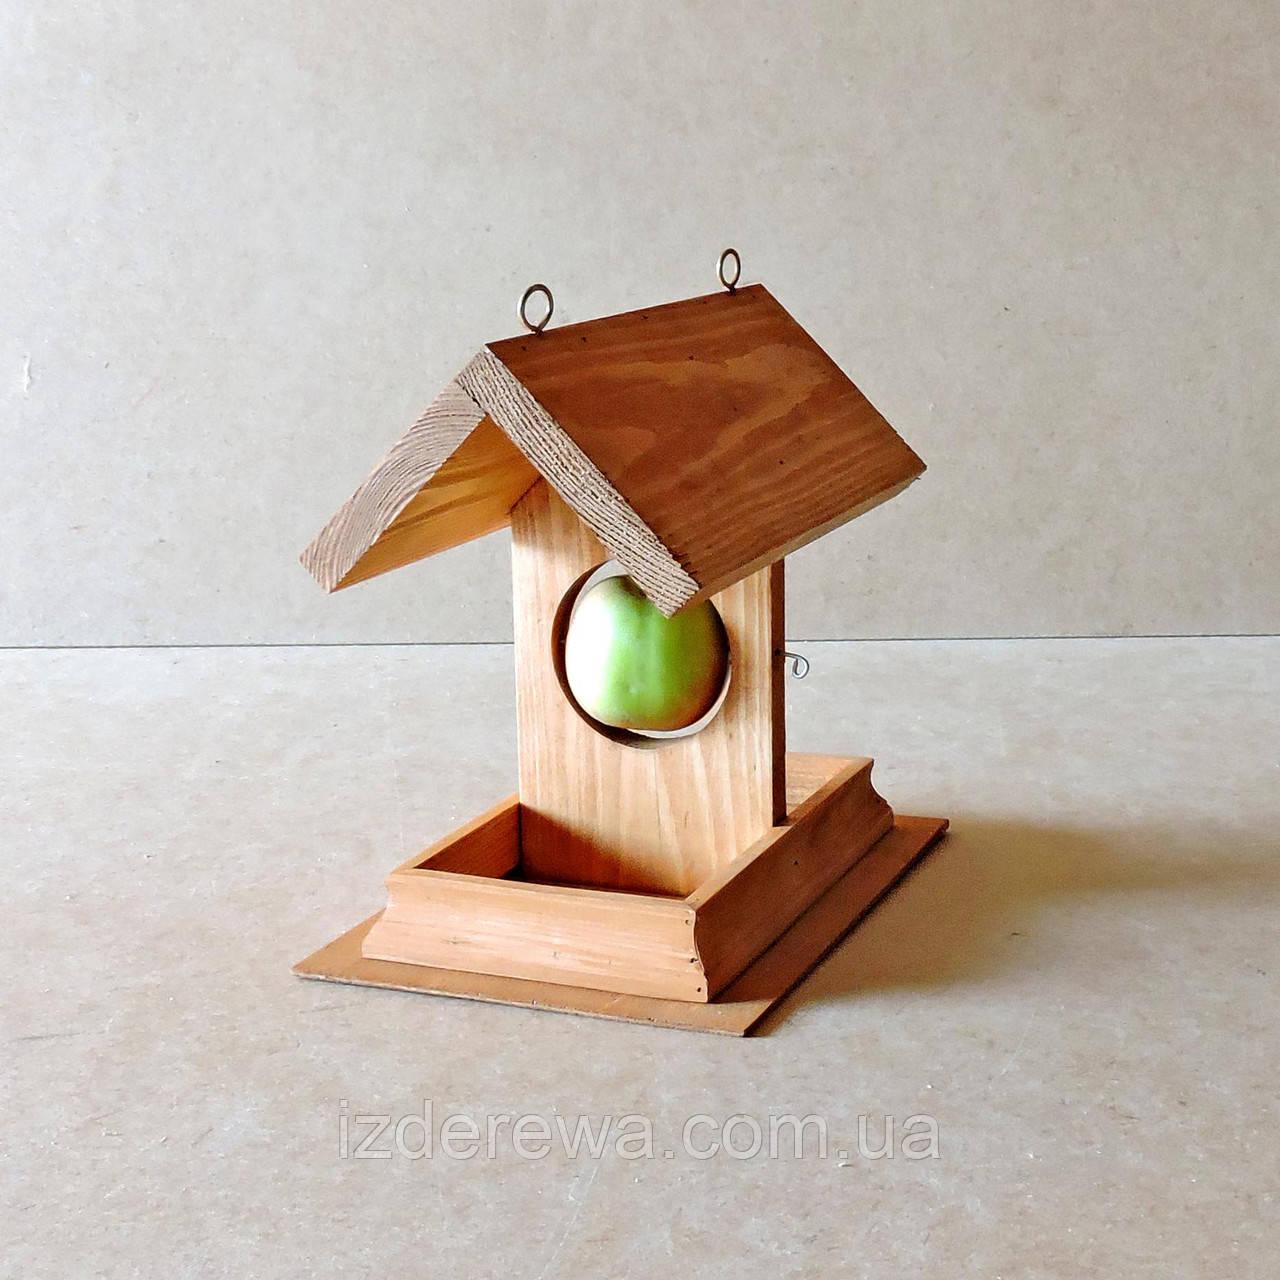 Кормушка садовая для птиц